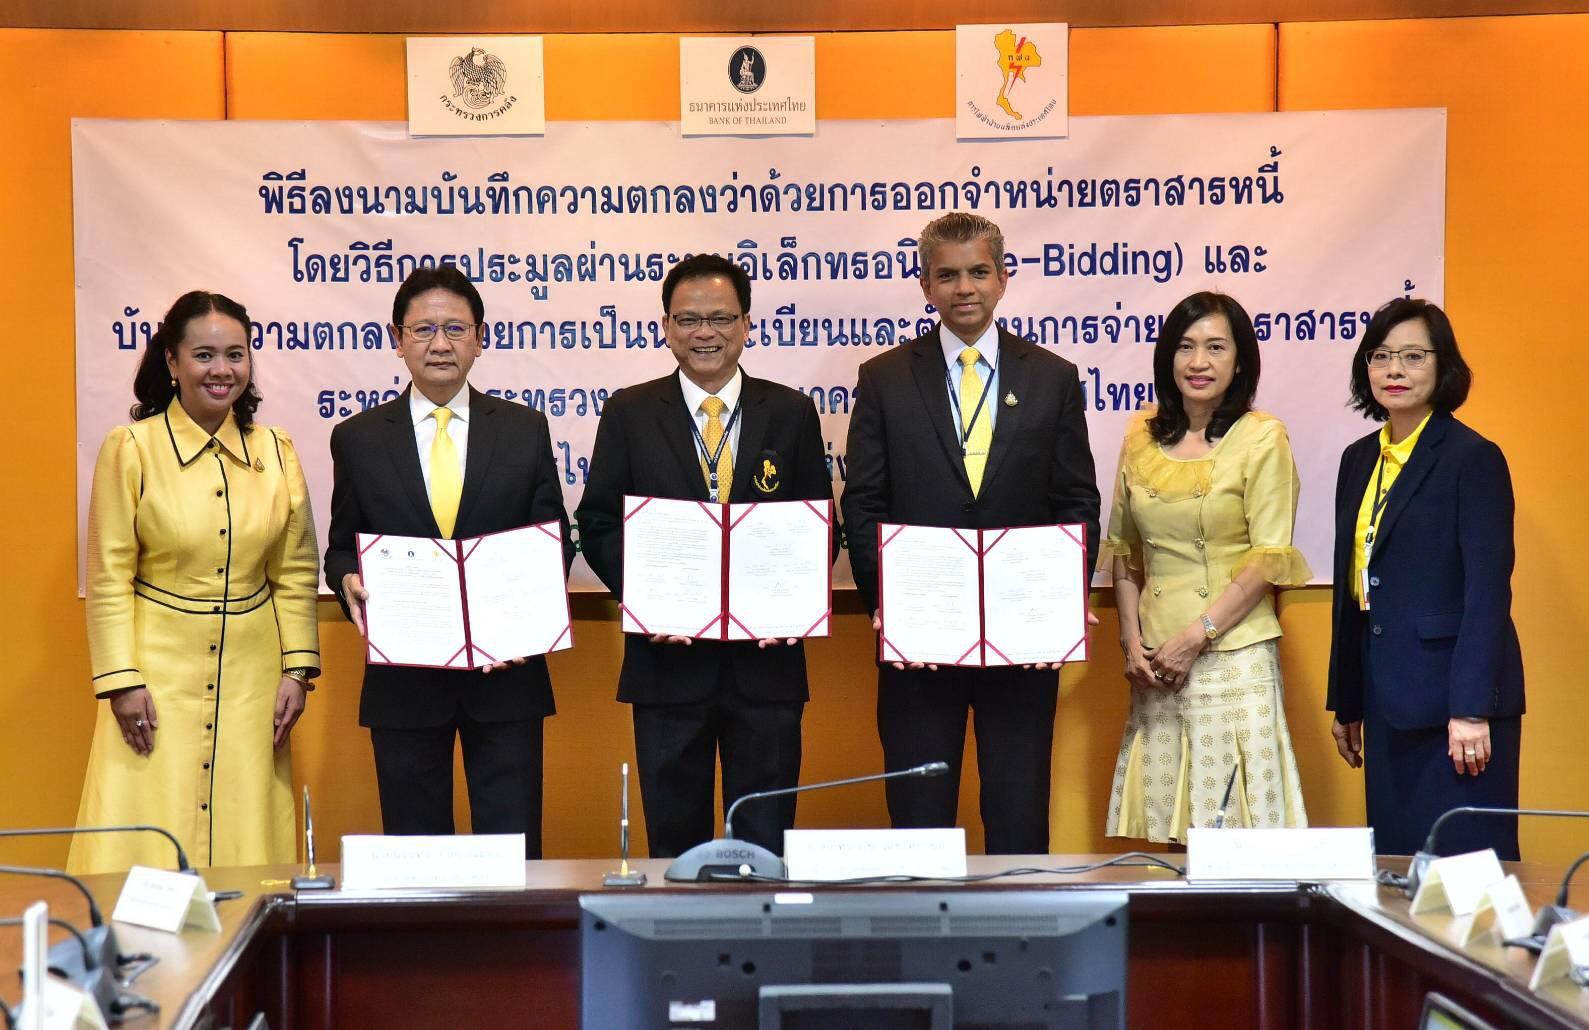 """ครั้งแรกของรัฐวิสาหกิจไทย""""กฟผ.""""MOUคลัง-ธปท.เปิดประมูลพันธบัตรที่คลังไม่ค้ำประกันผ่านระบบ e-Bidding"""